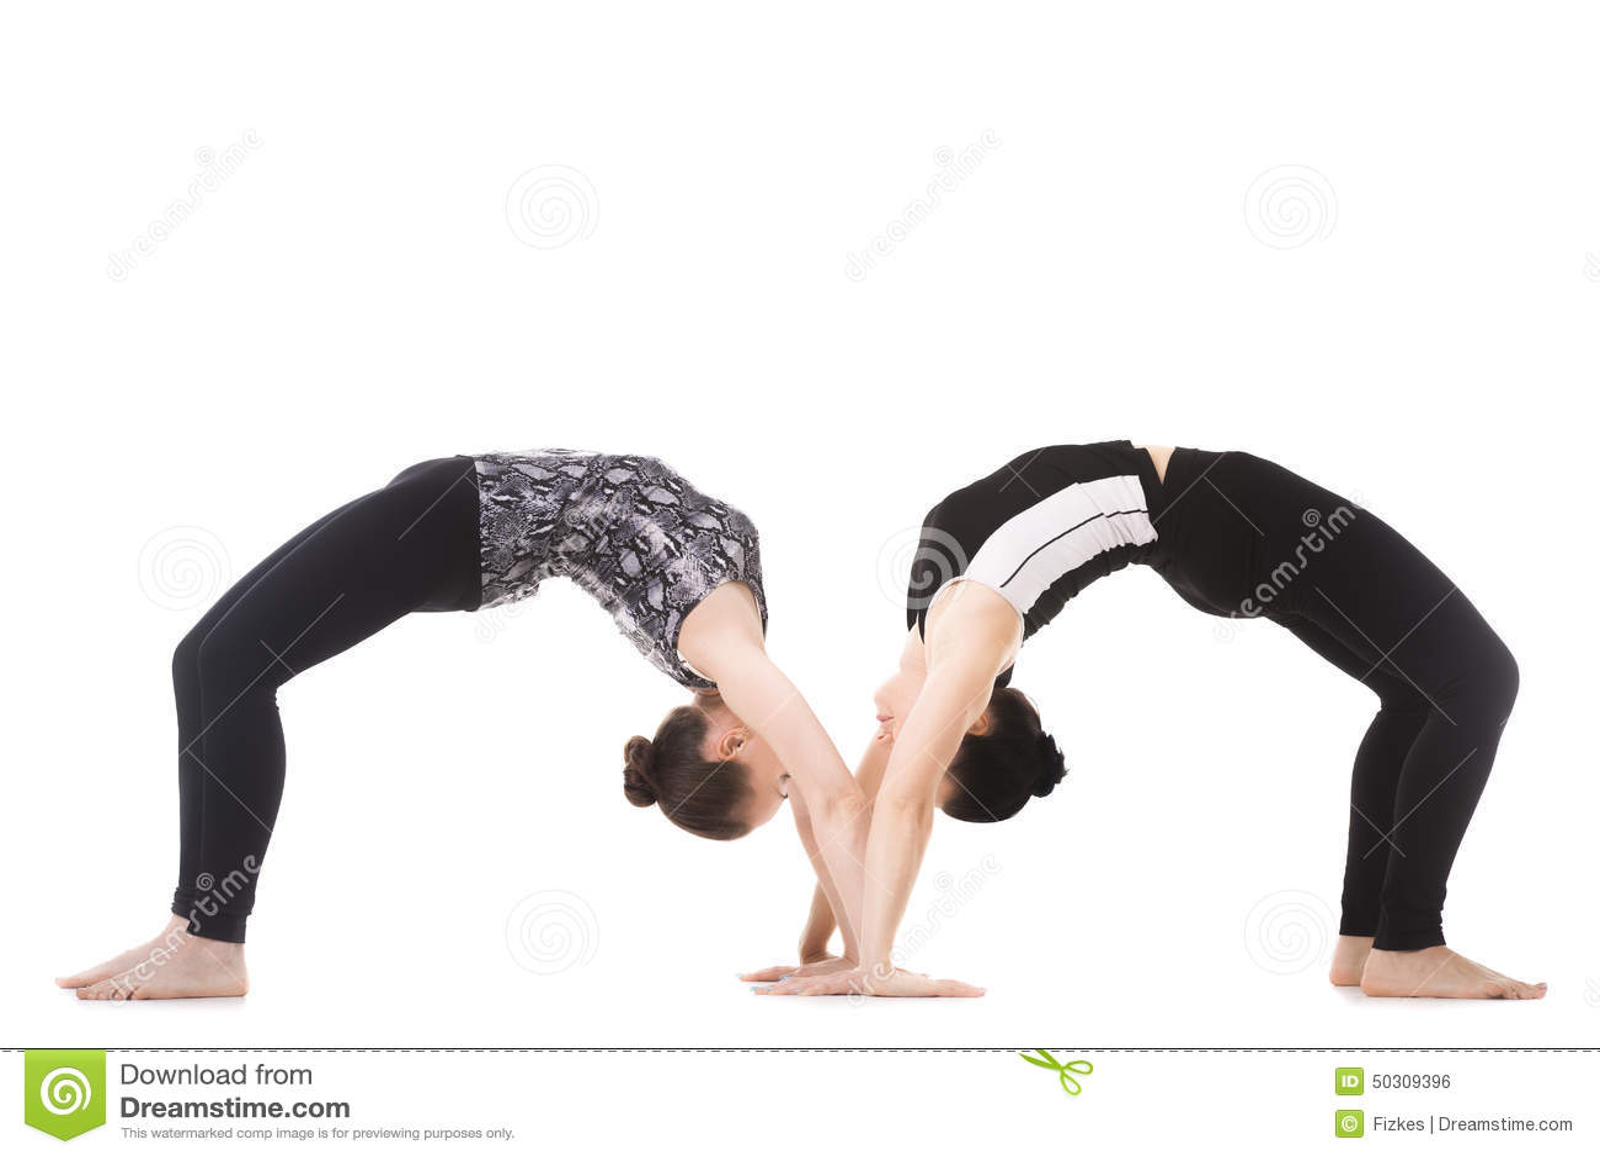 Fabulous Jeunes Couples Sains En Position De Yoga Photo stock - Image: 63112787 VP38